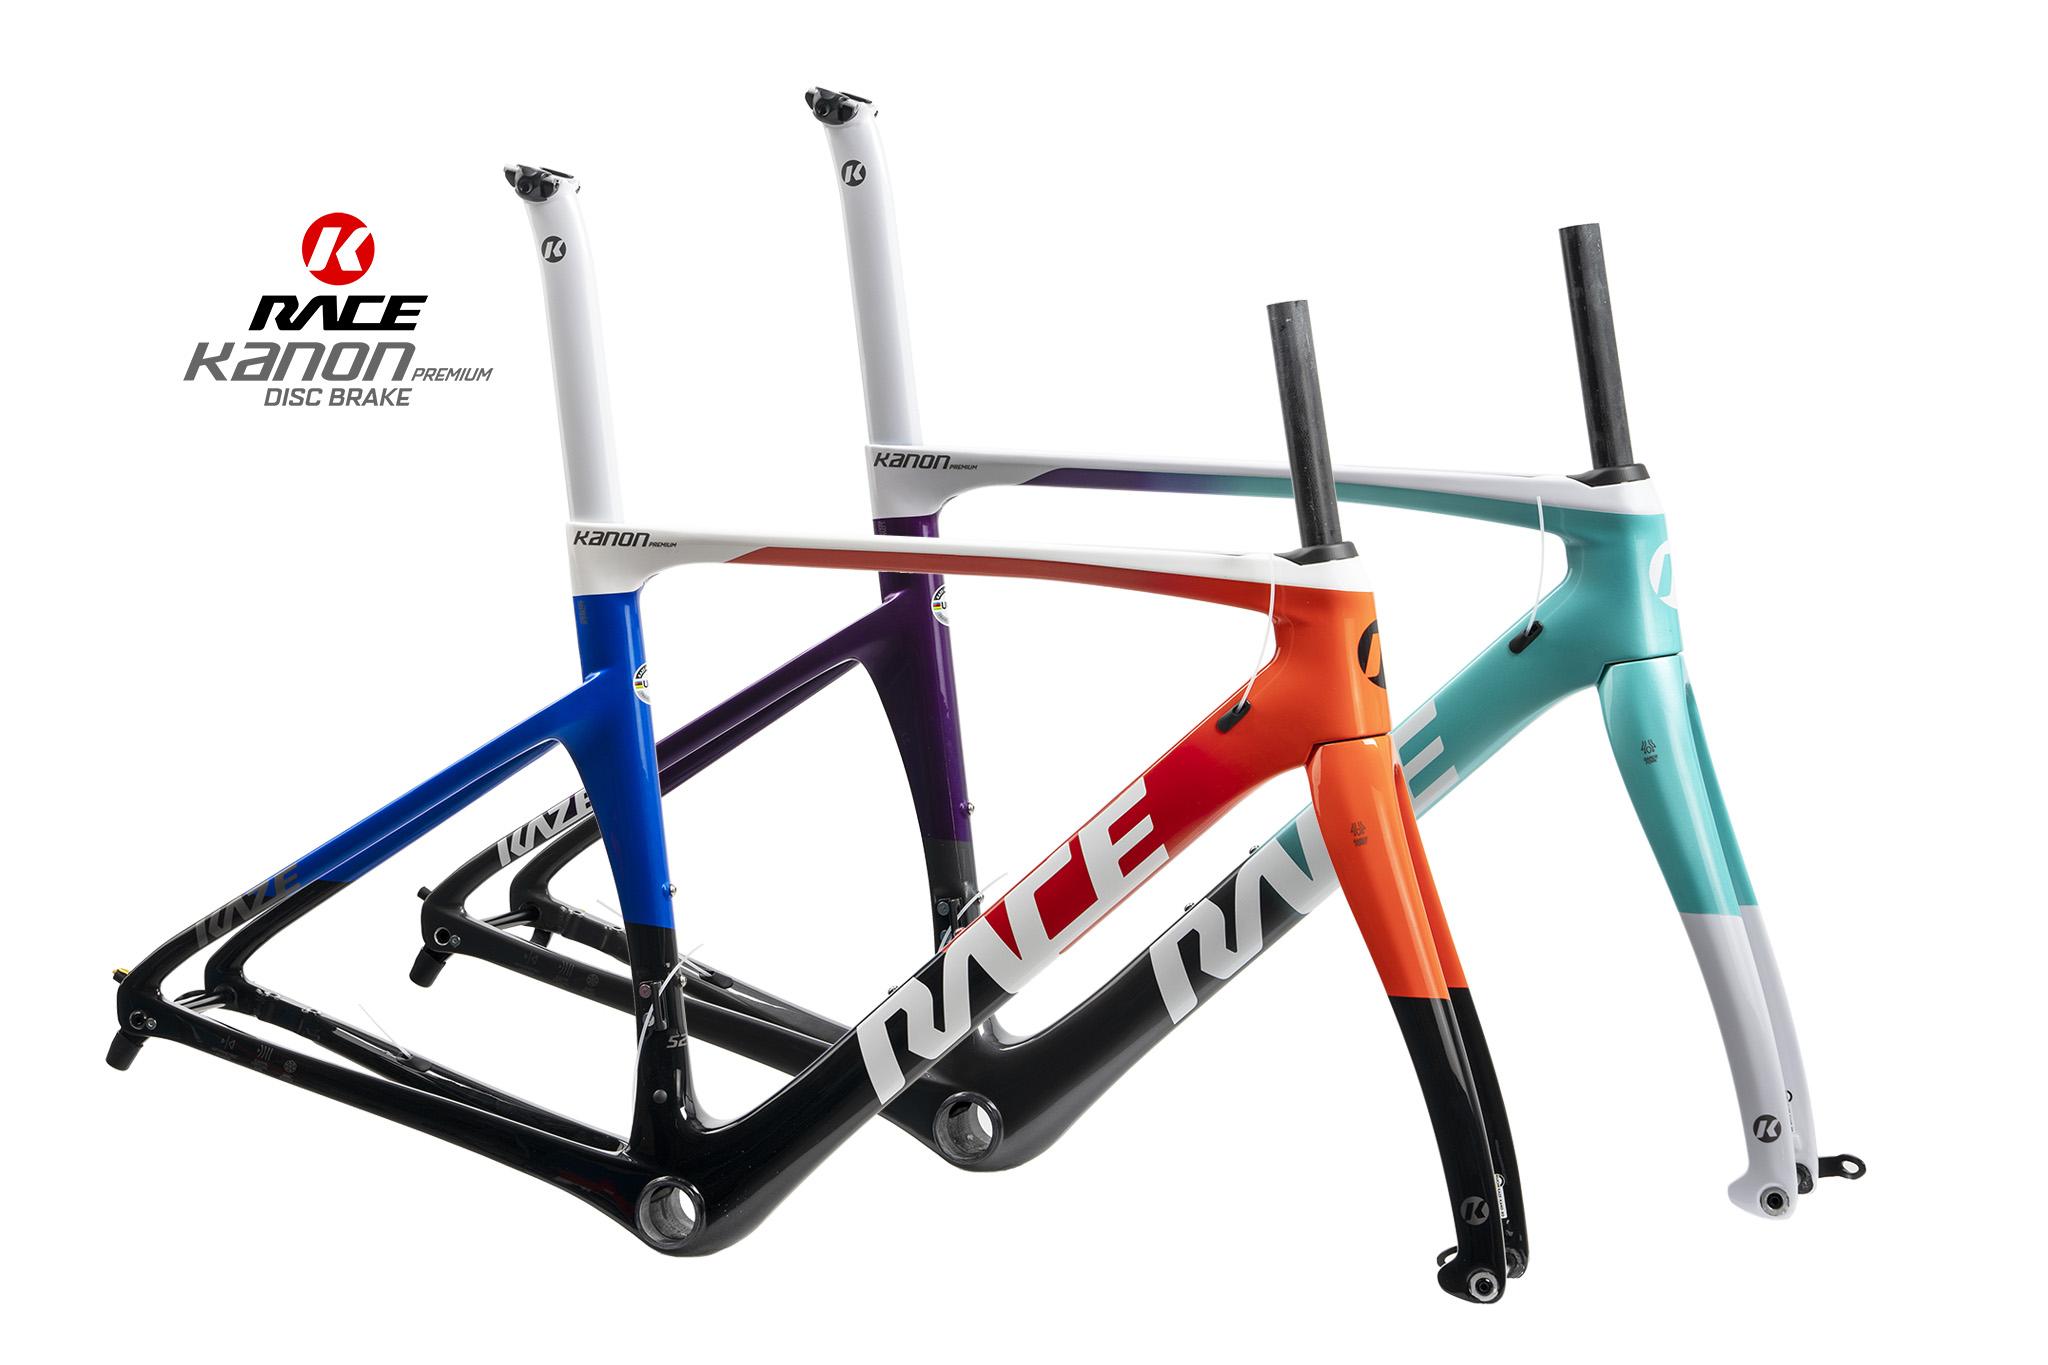 KAZE RACE | KANON 2020 Premium (Frame set) Disc Brake